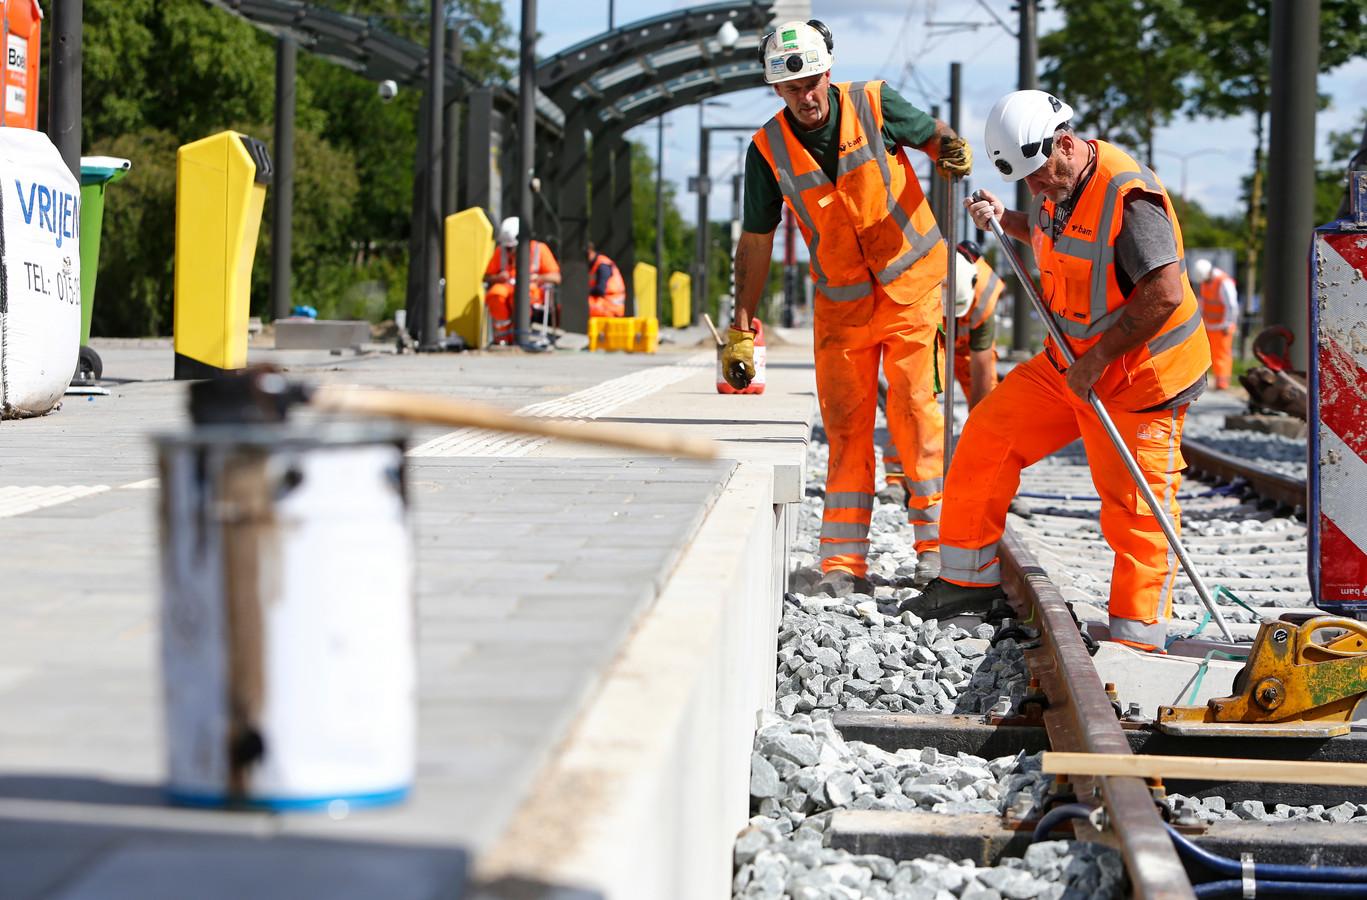 Laatste werkzaamheden aan het vernieuwde spoor, hier ter hoogte van de wijk Hoog-Zandveld in Nieuwegein.